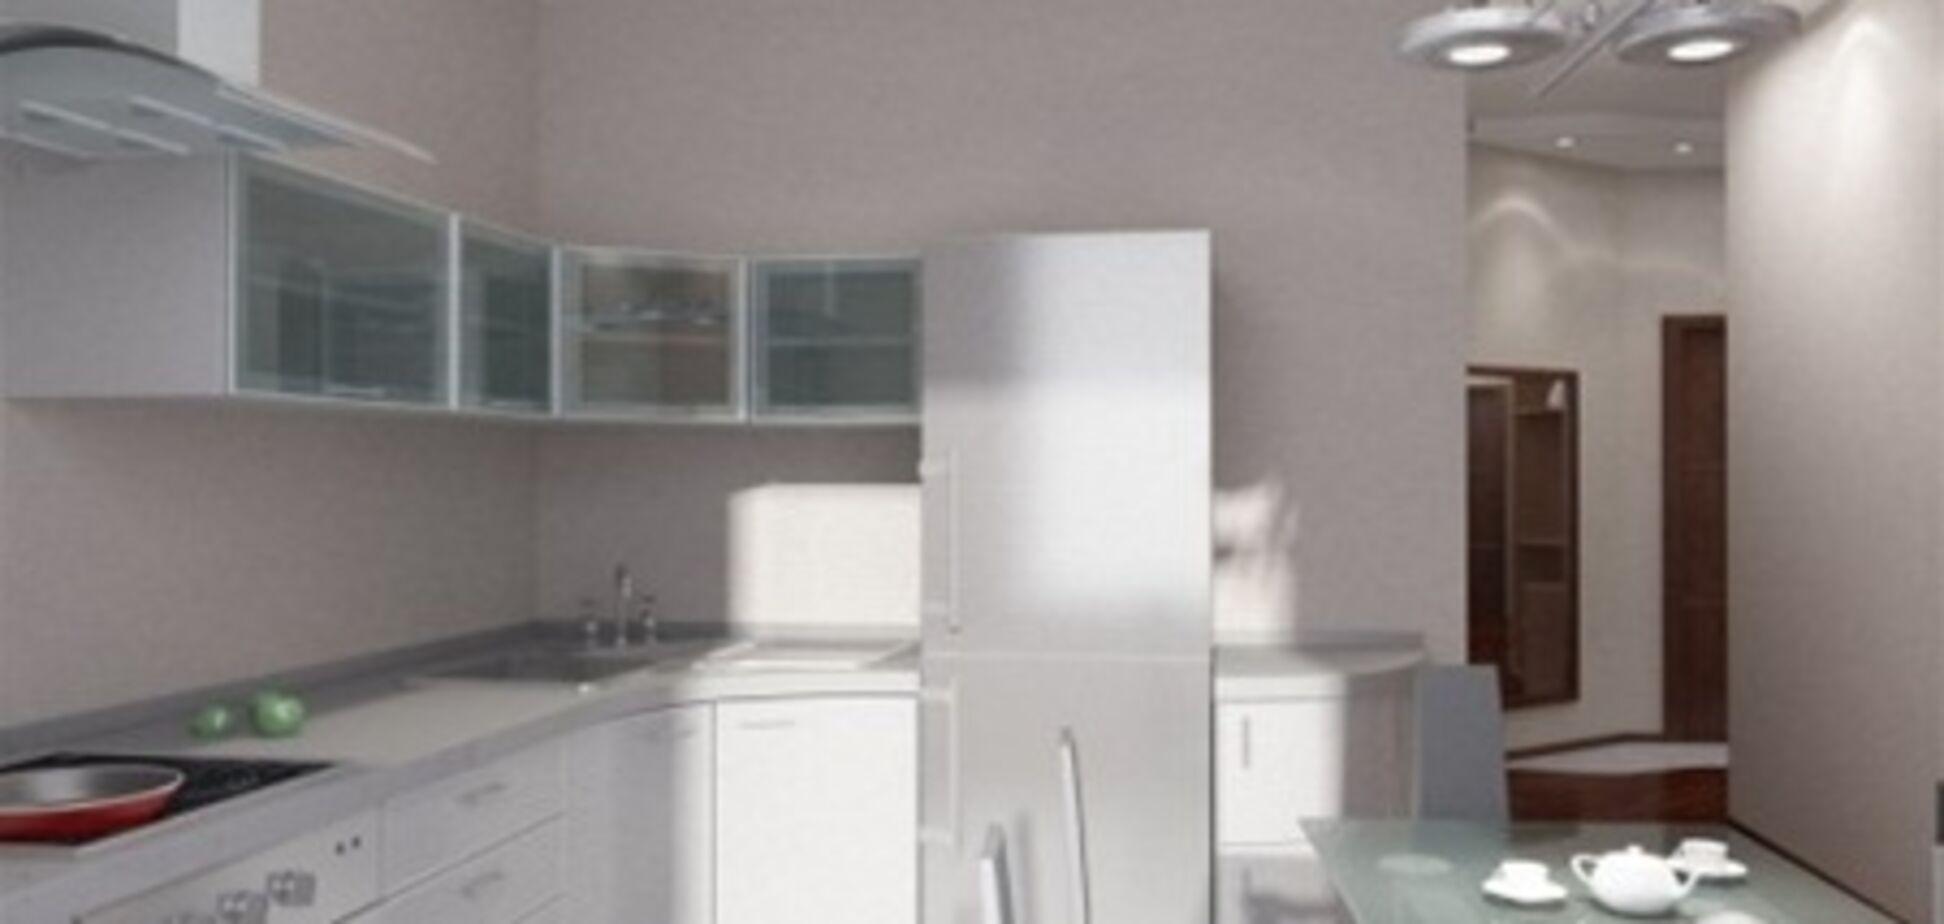 Ограниченный метраж типовых квартир влияет на украинский рынок мебели